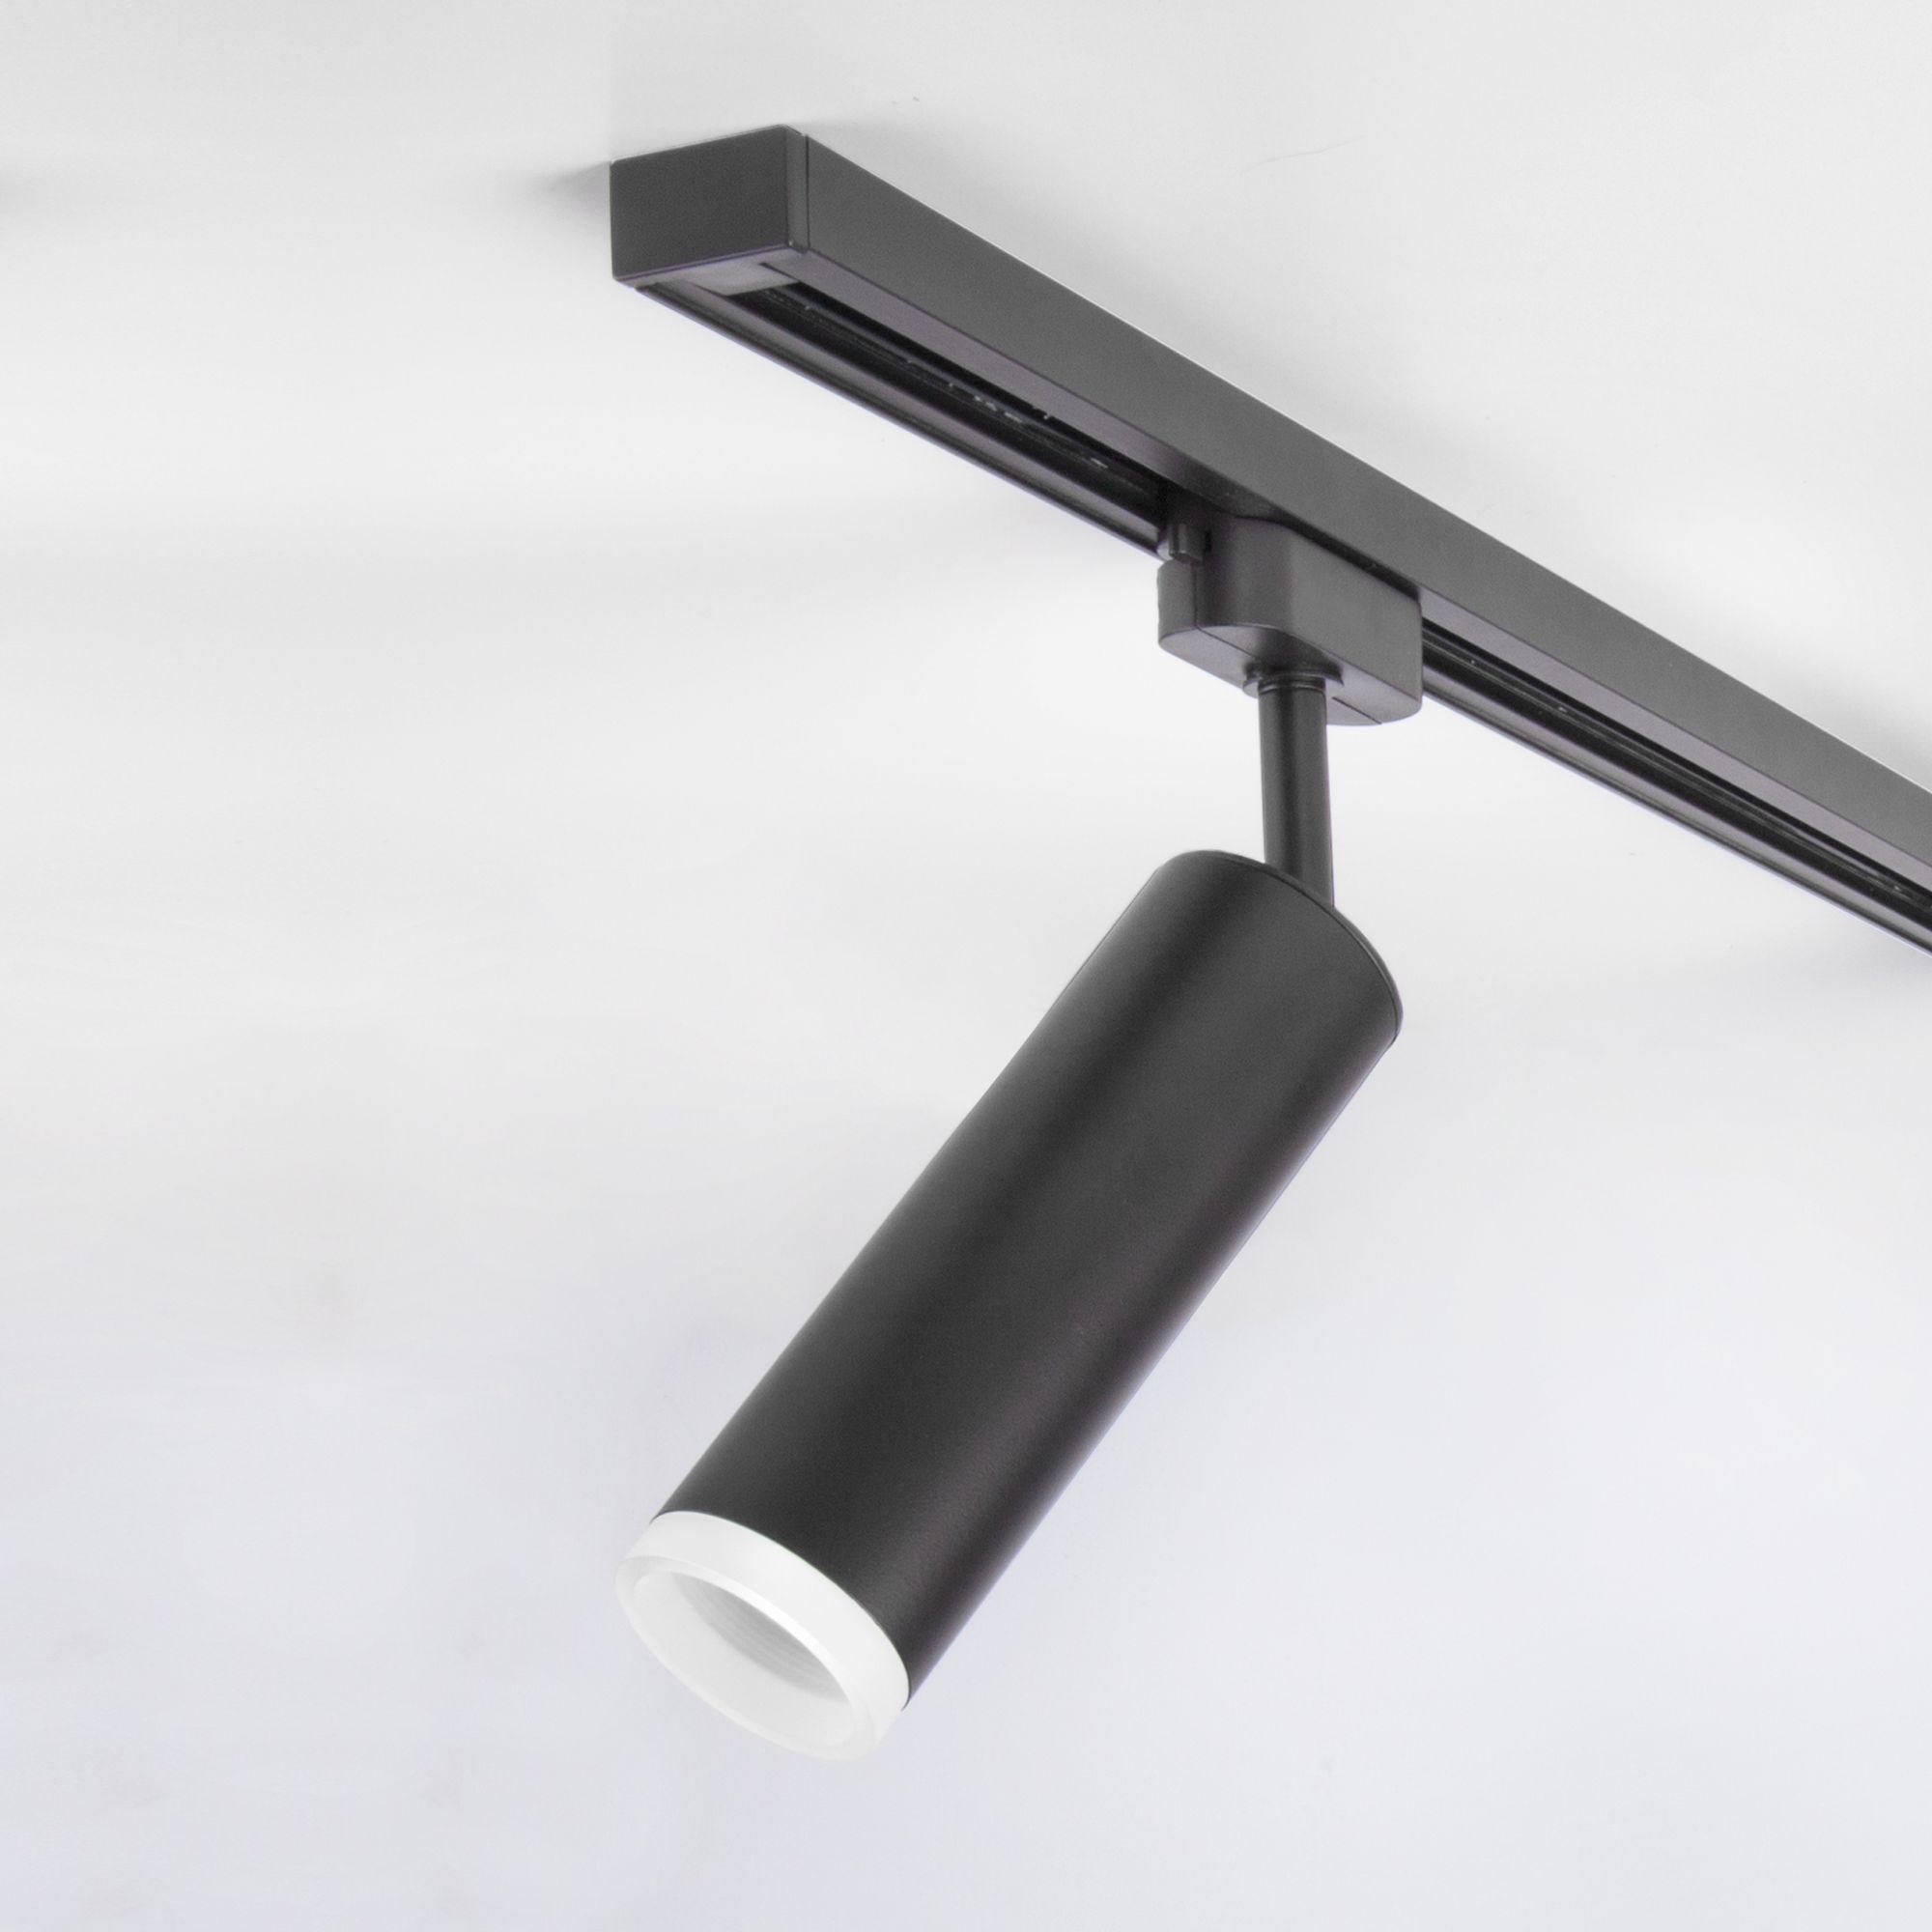 Трековый светодиодный светильник для однофазного шинопровода Oskar черный 10W 4200K (1 шт.) LTB28